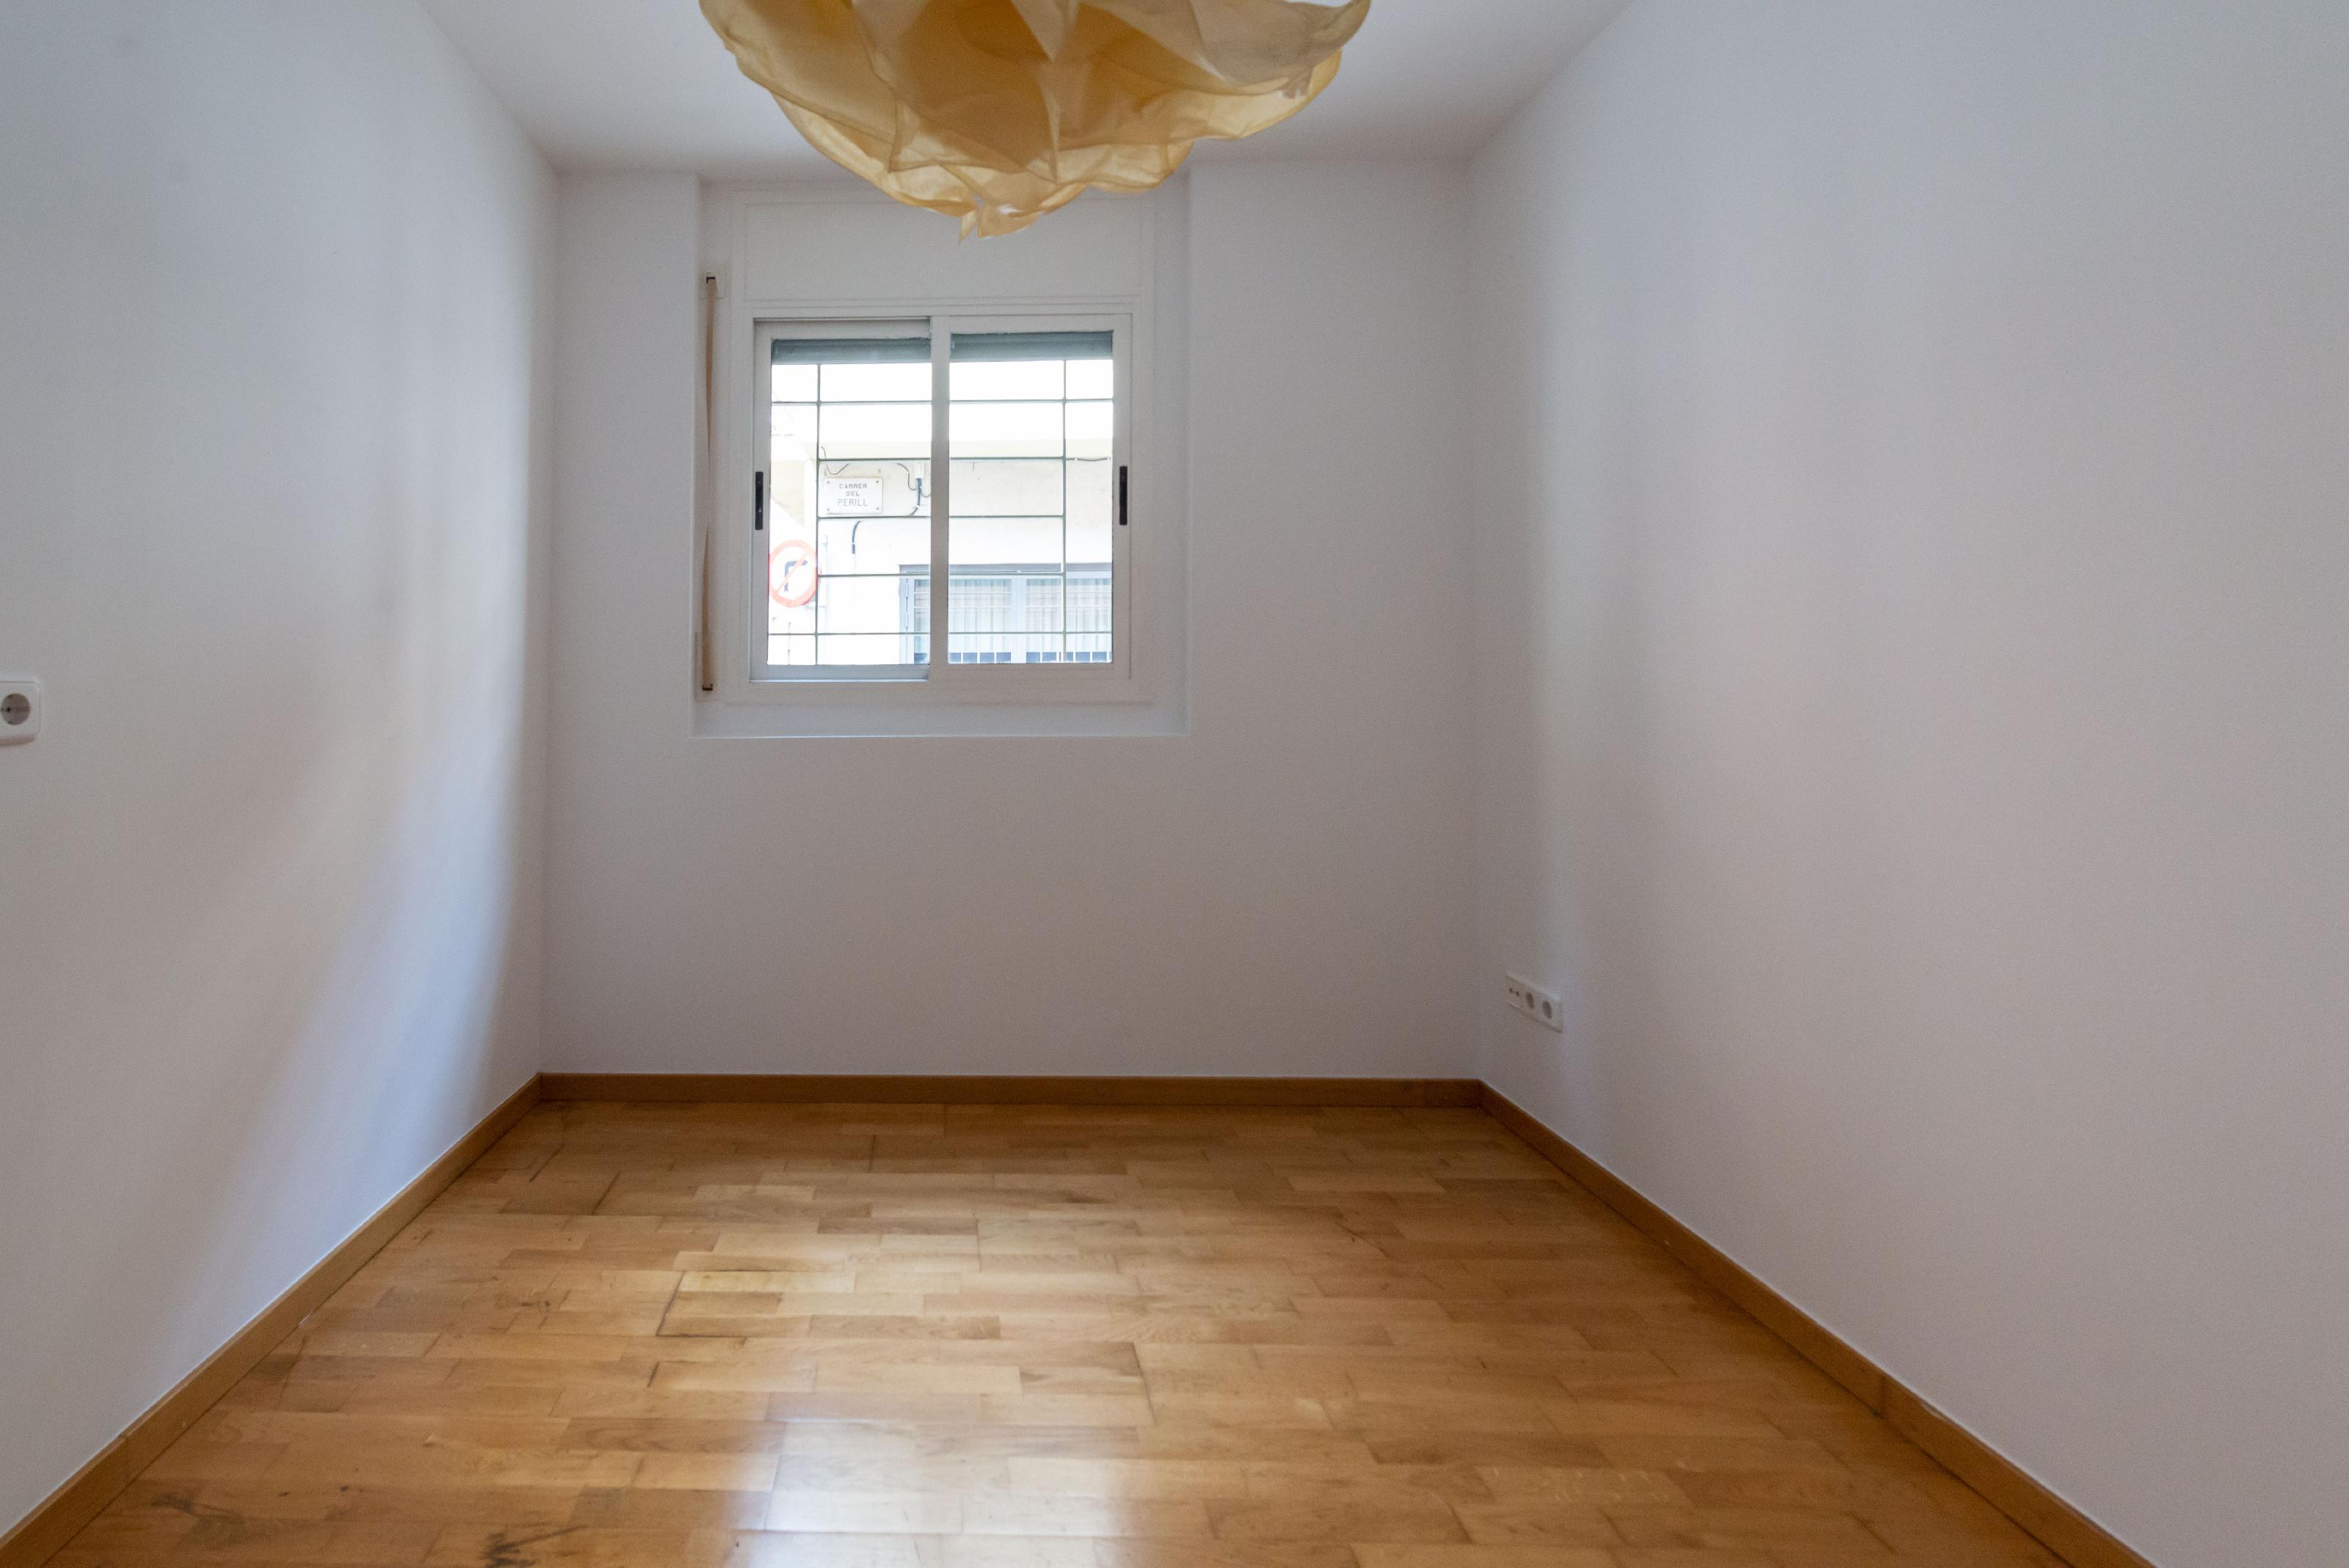 249634 House for sale in Gràcia, Vila de Gràcia 18